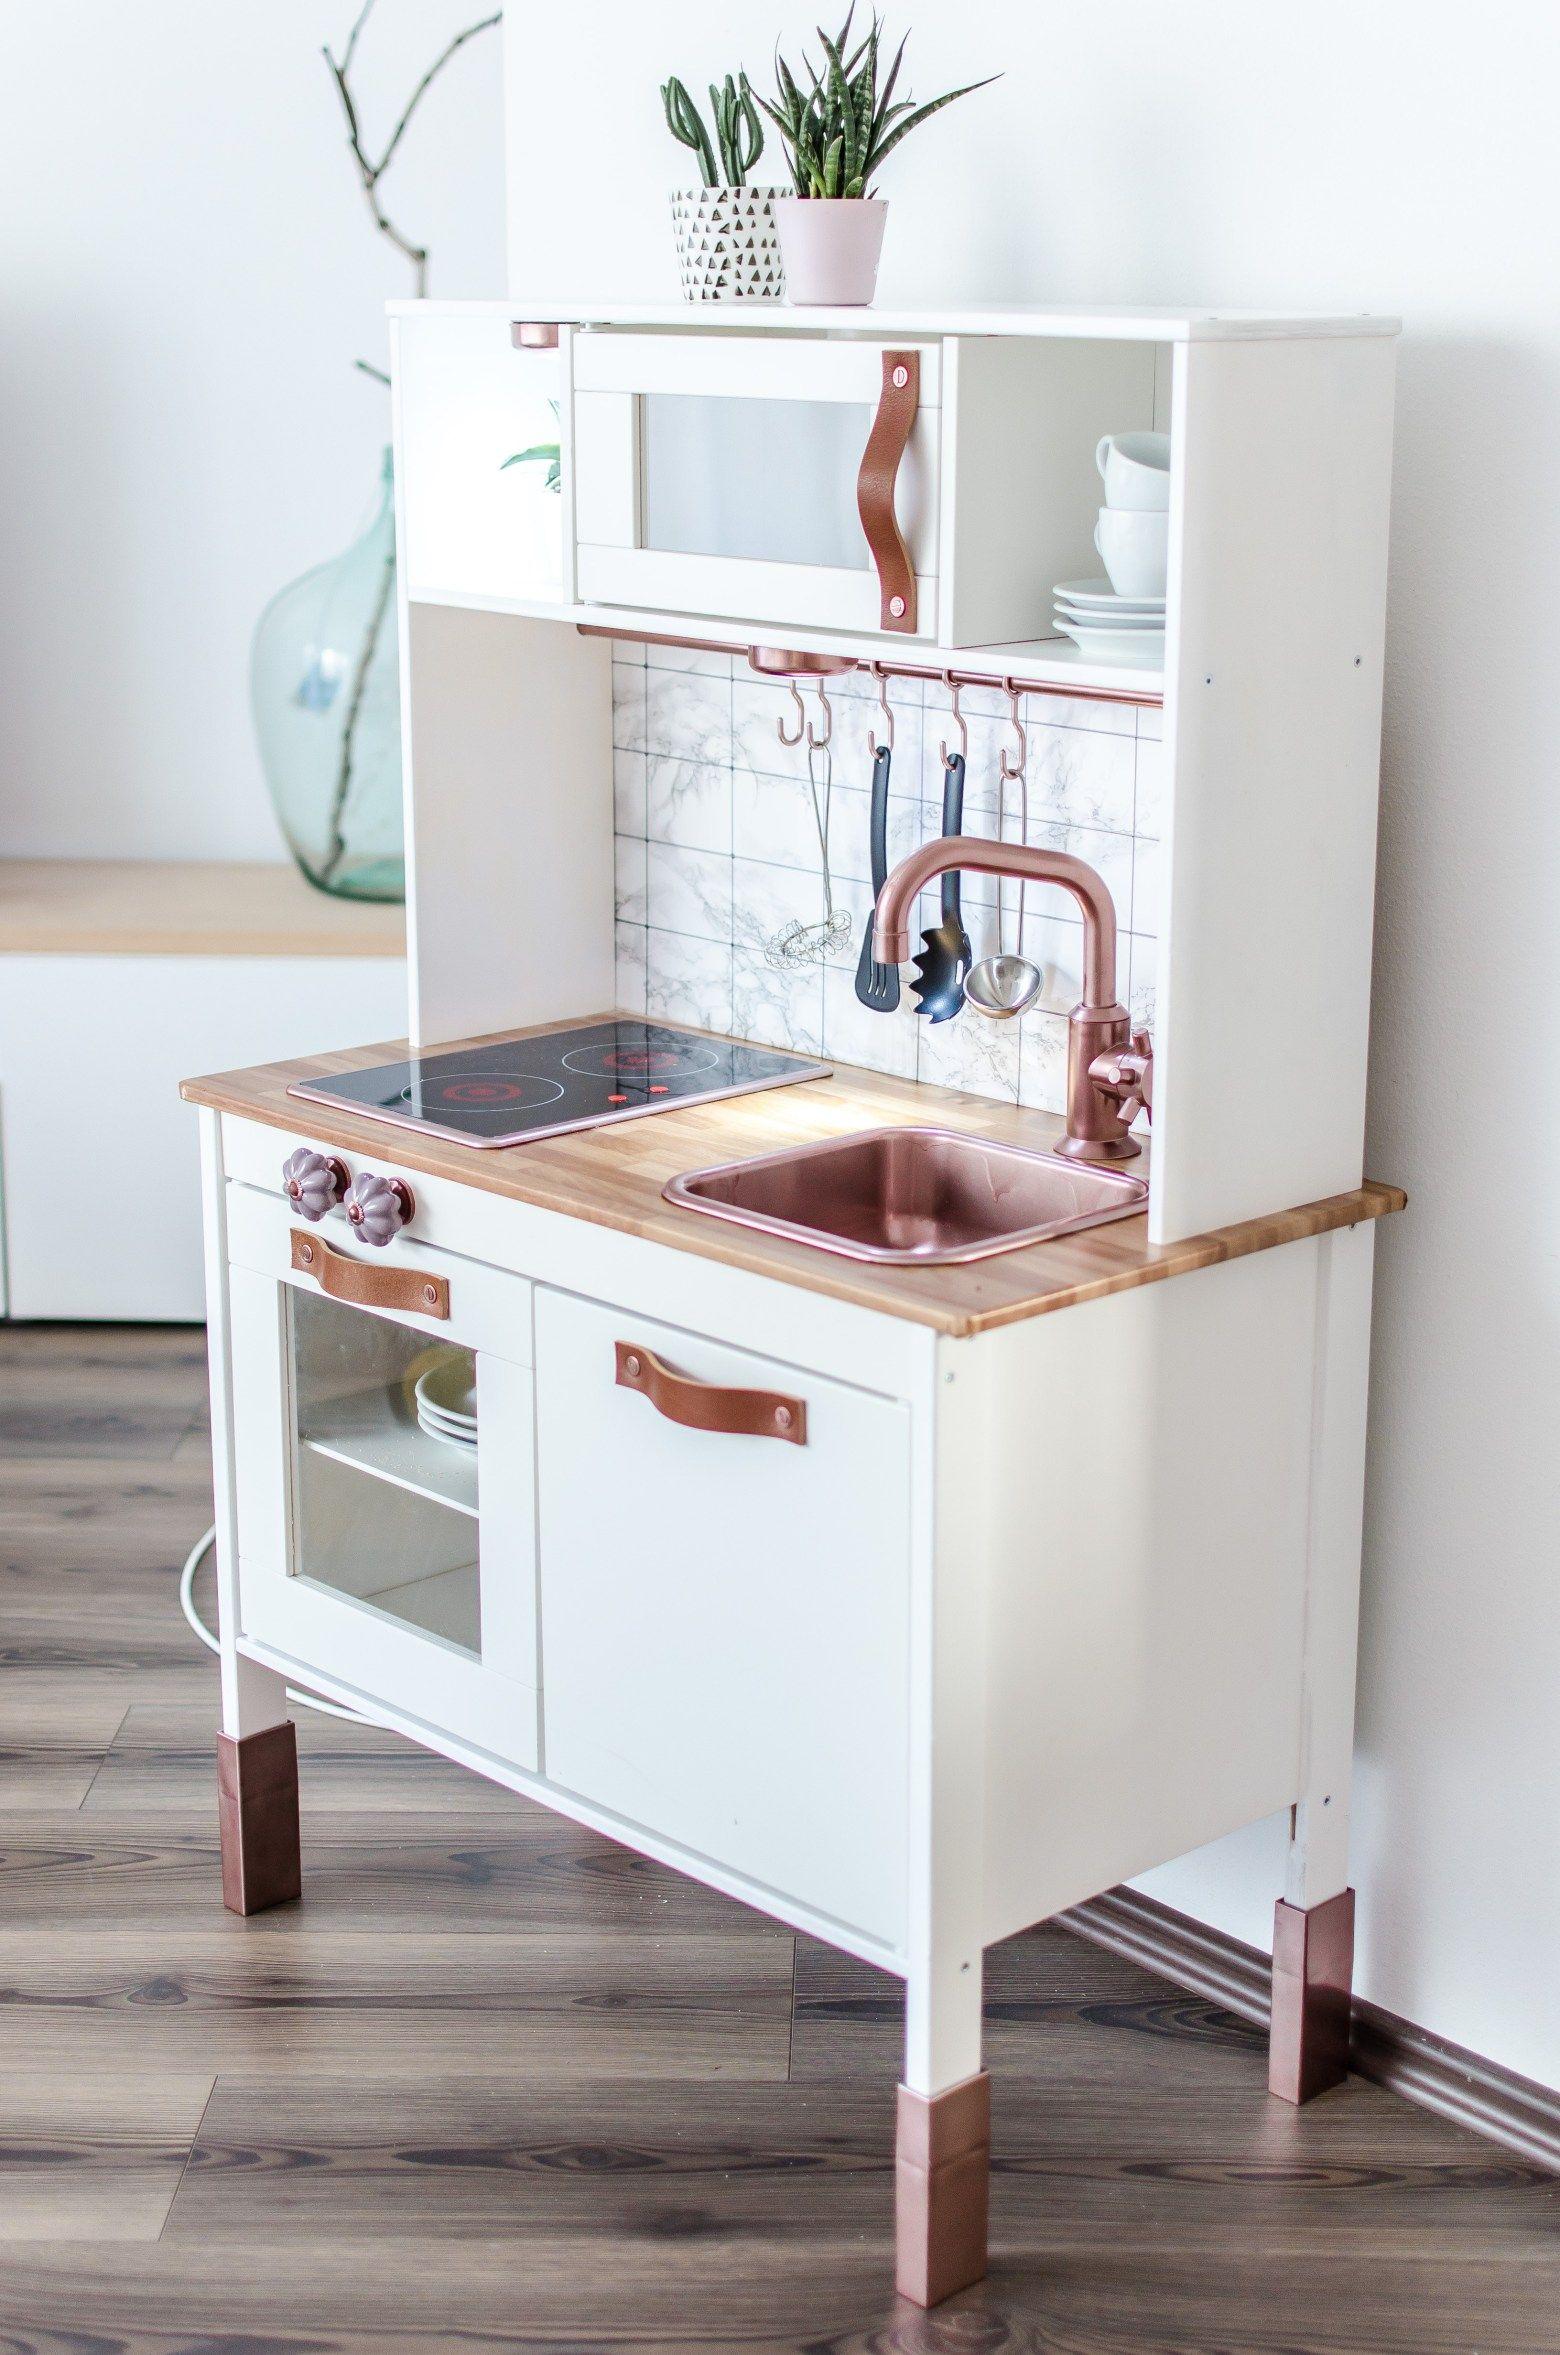 Full Size of Ikea Küchen Hacks Regal Miniküche Betten 160x200 Küche Kosten Kaufen Sofa Mit Schlaffunktion Modulküche Bei Wohnzimmer Ikea Küchen Hacks